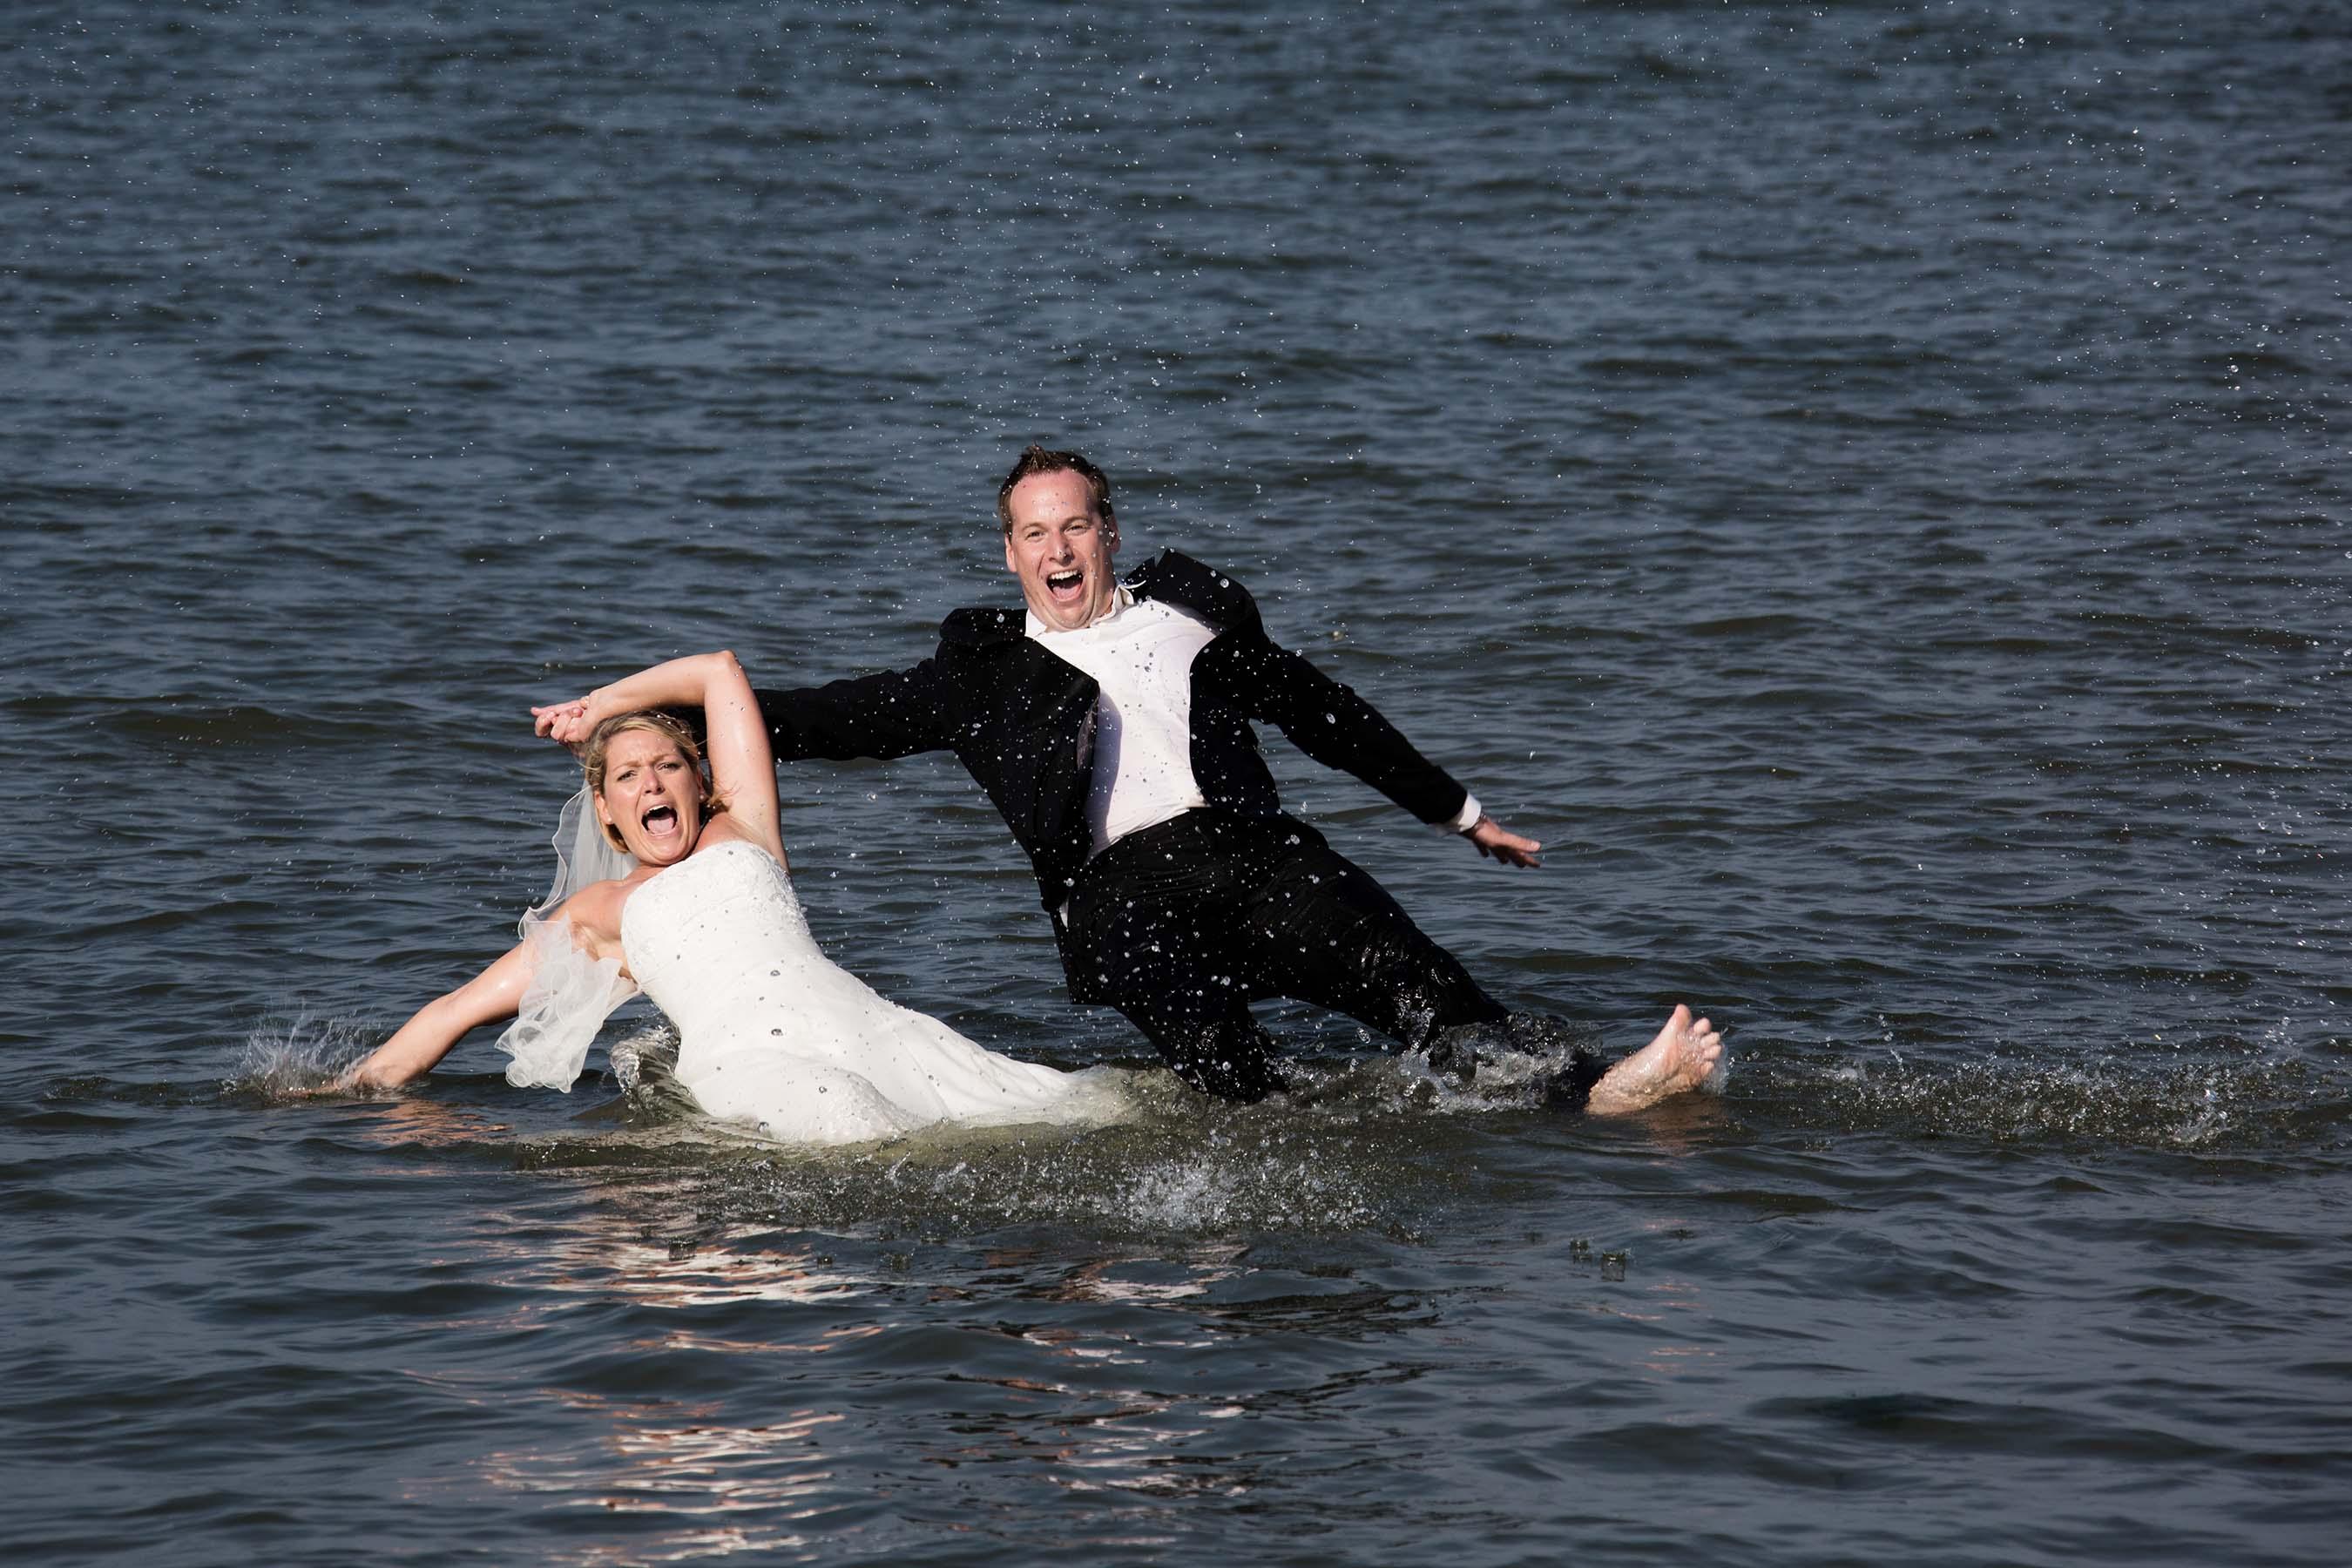 838 Hochzeitsfotograf Michael Stange Baltrum Osnabrueck